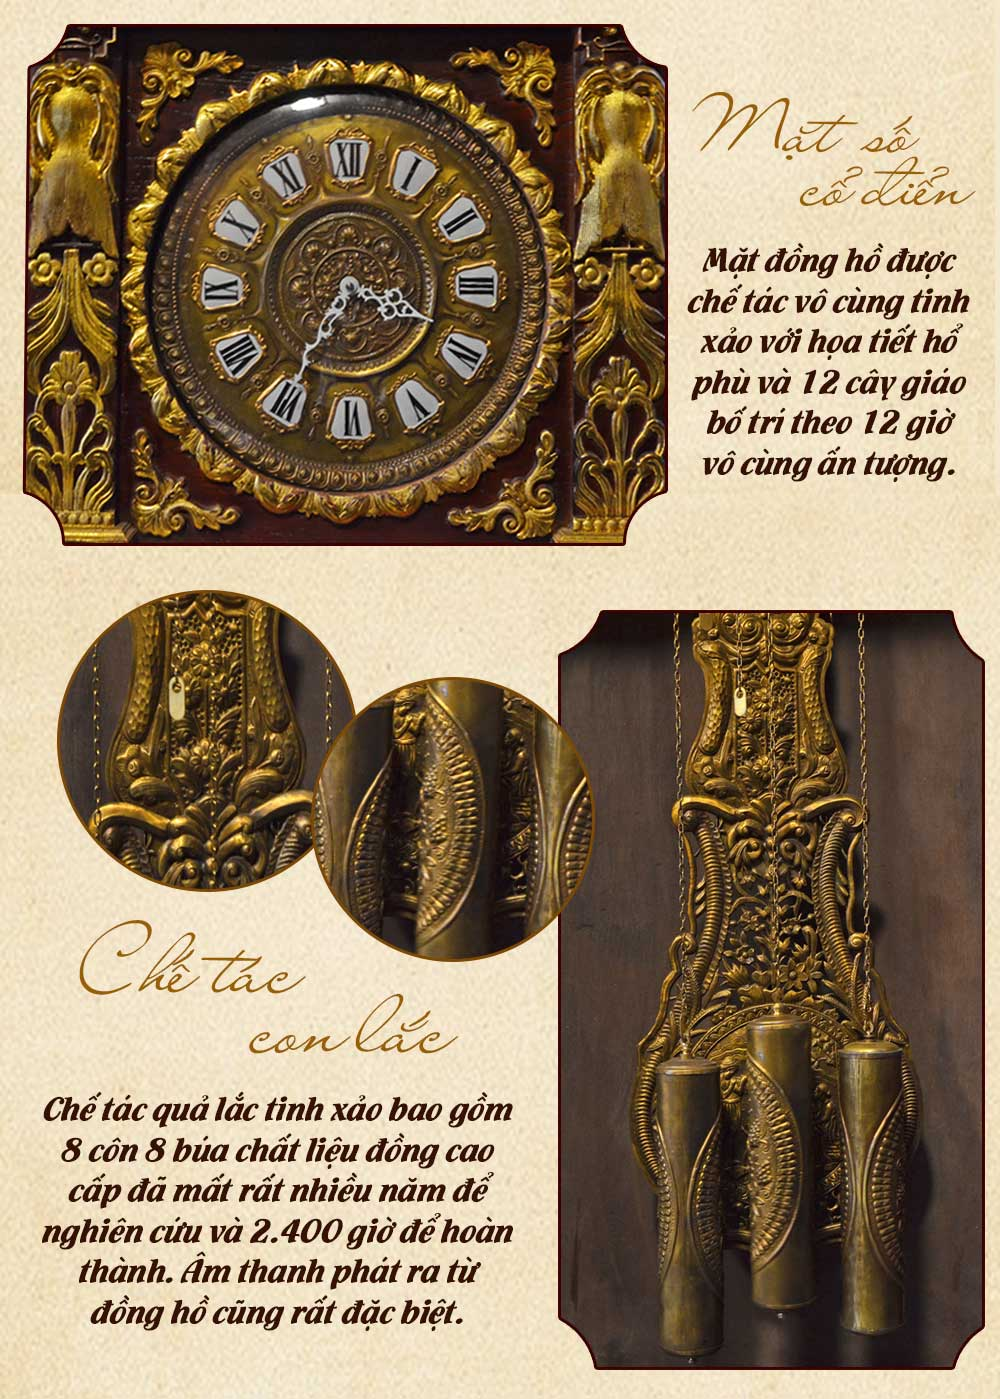 Đồng hồ cây cổ điển DH22 gỗ gụ mạ vàng nhập khẩu Đức